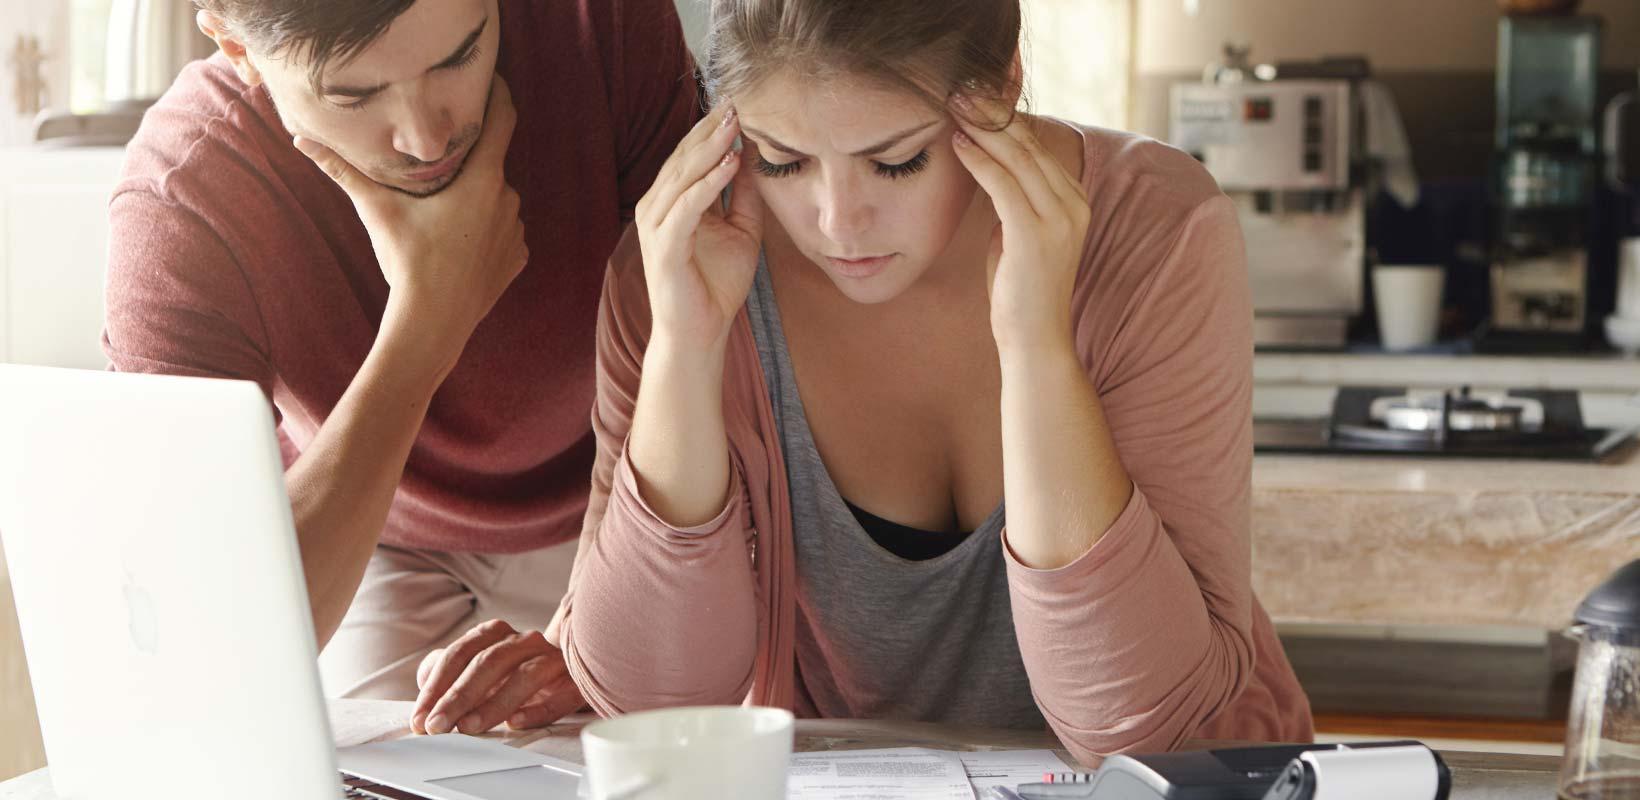 Steeds meer gezinnen hebben moeite om energiefactuur te betalen